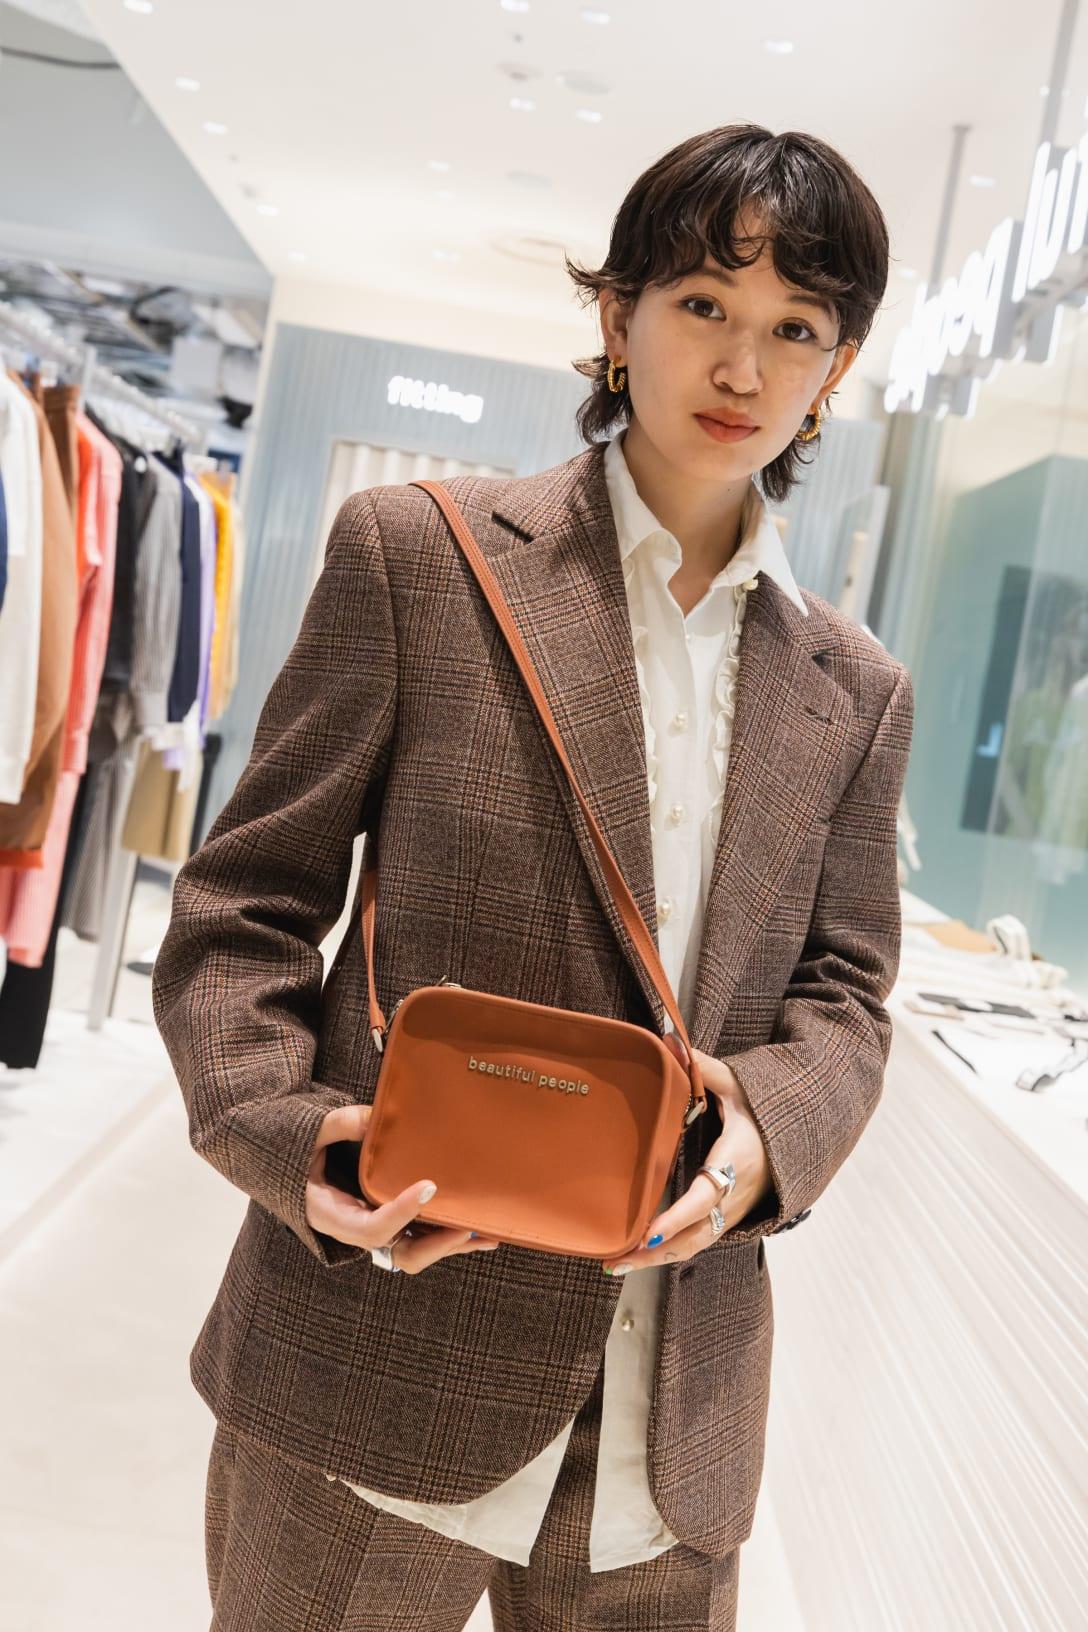 ポケッタブルショッピングバッグ 3万5000円